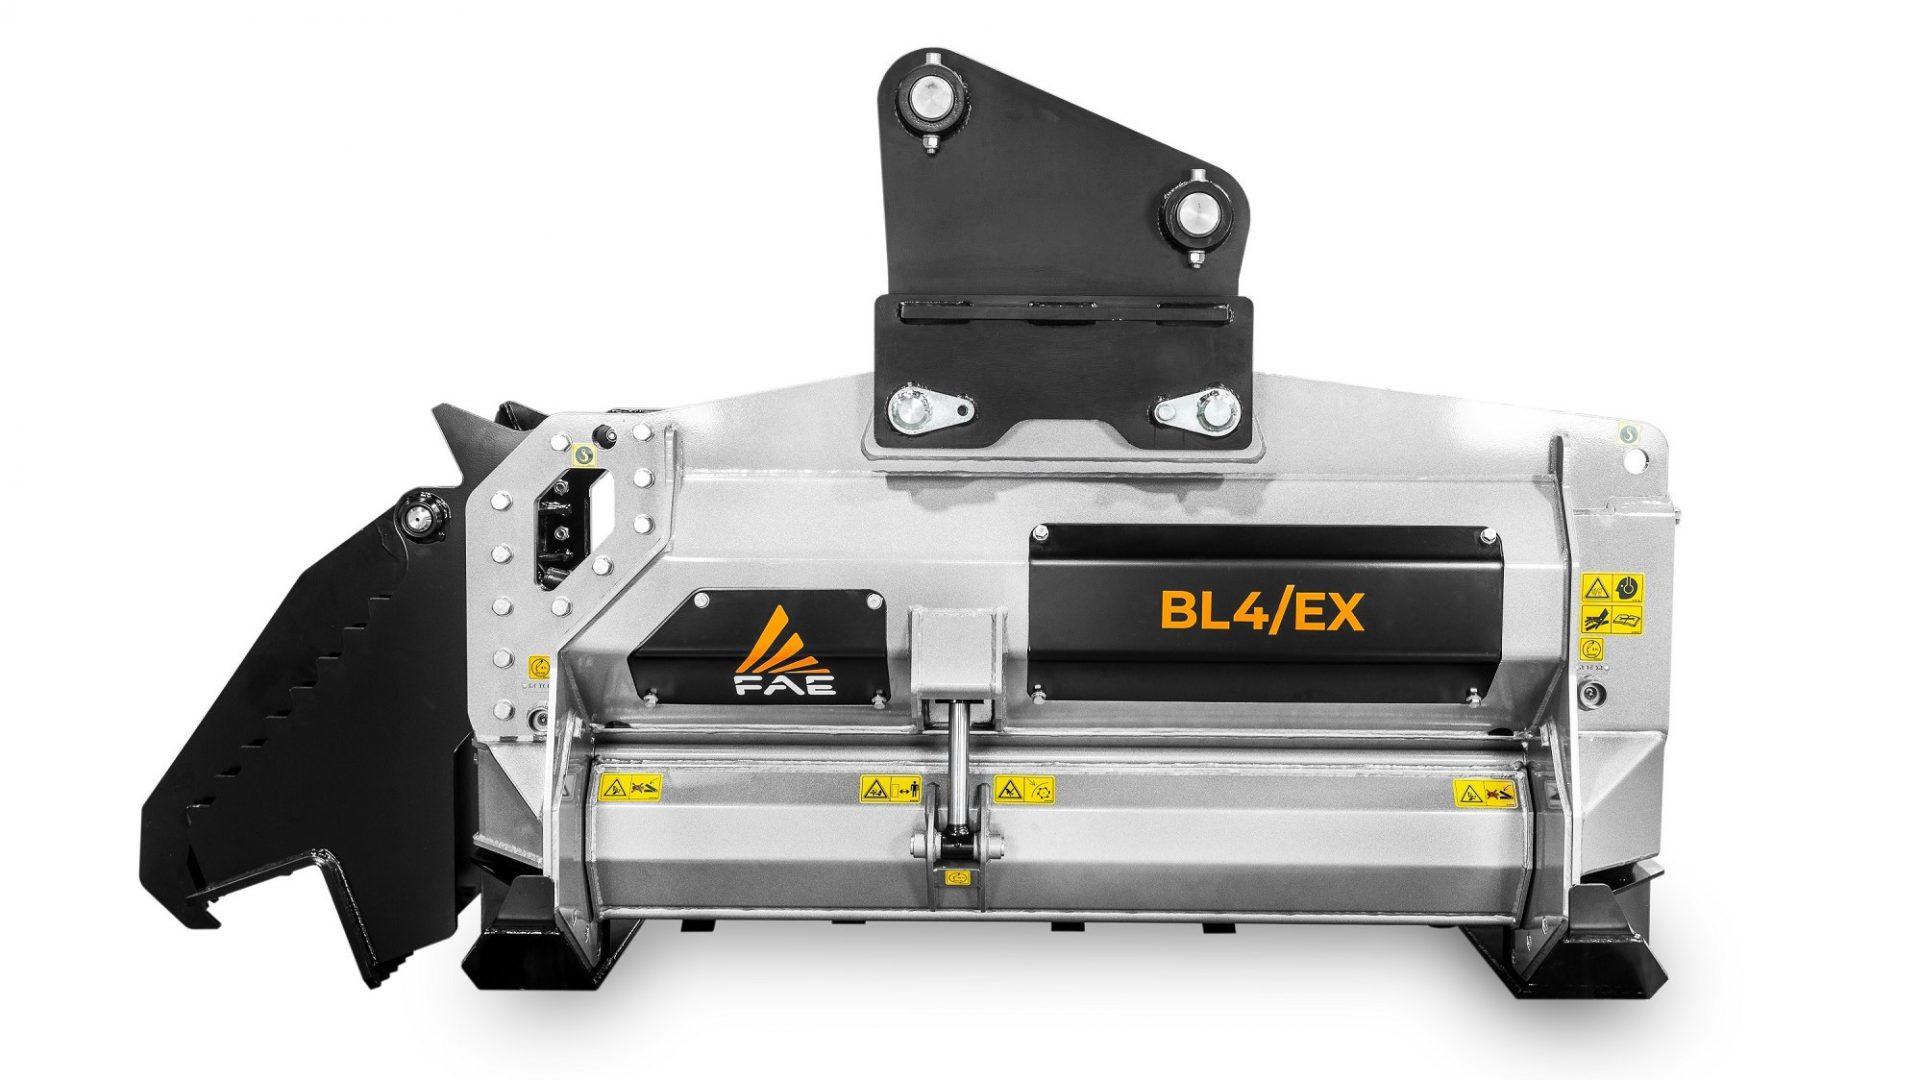 La FAE BL4/EX/VT è dotata di tecnologia Bite Limiter per aumentare le prestazioni